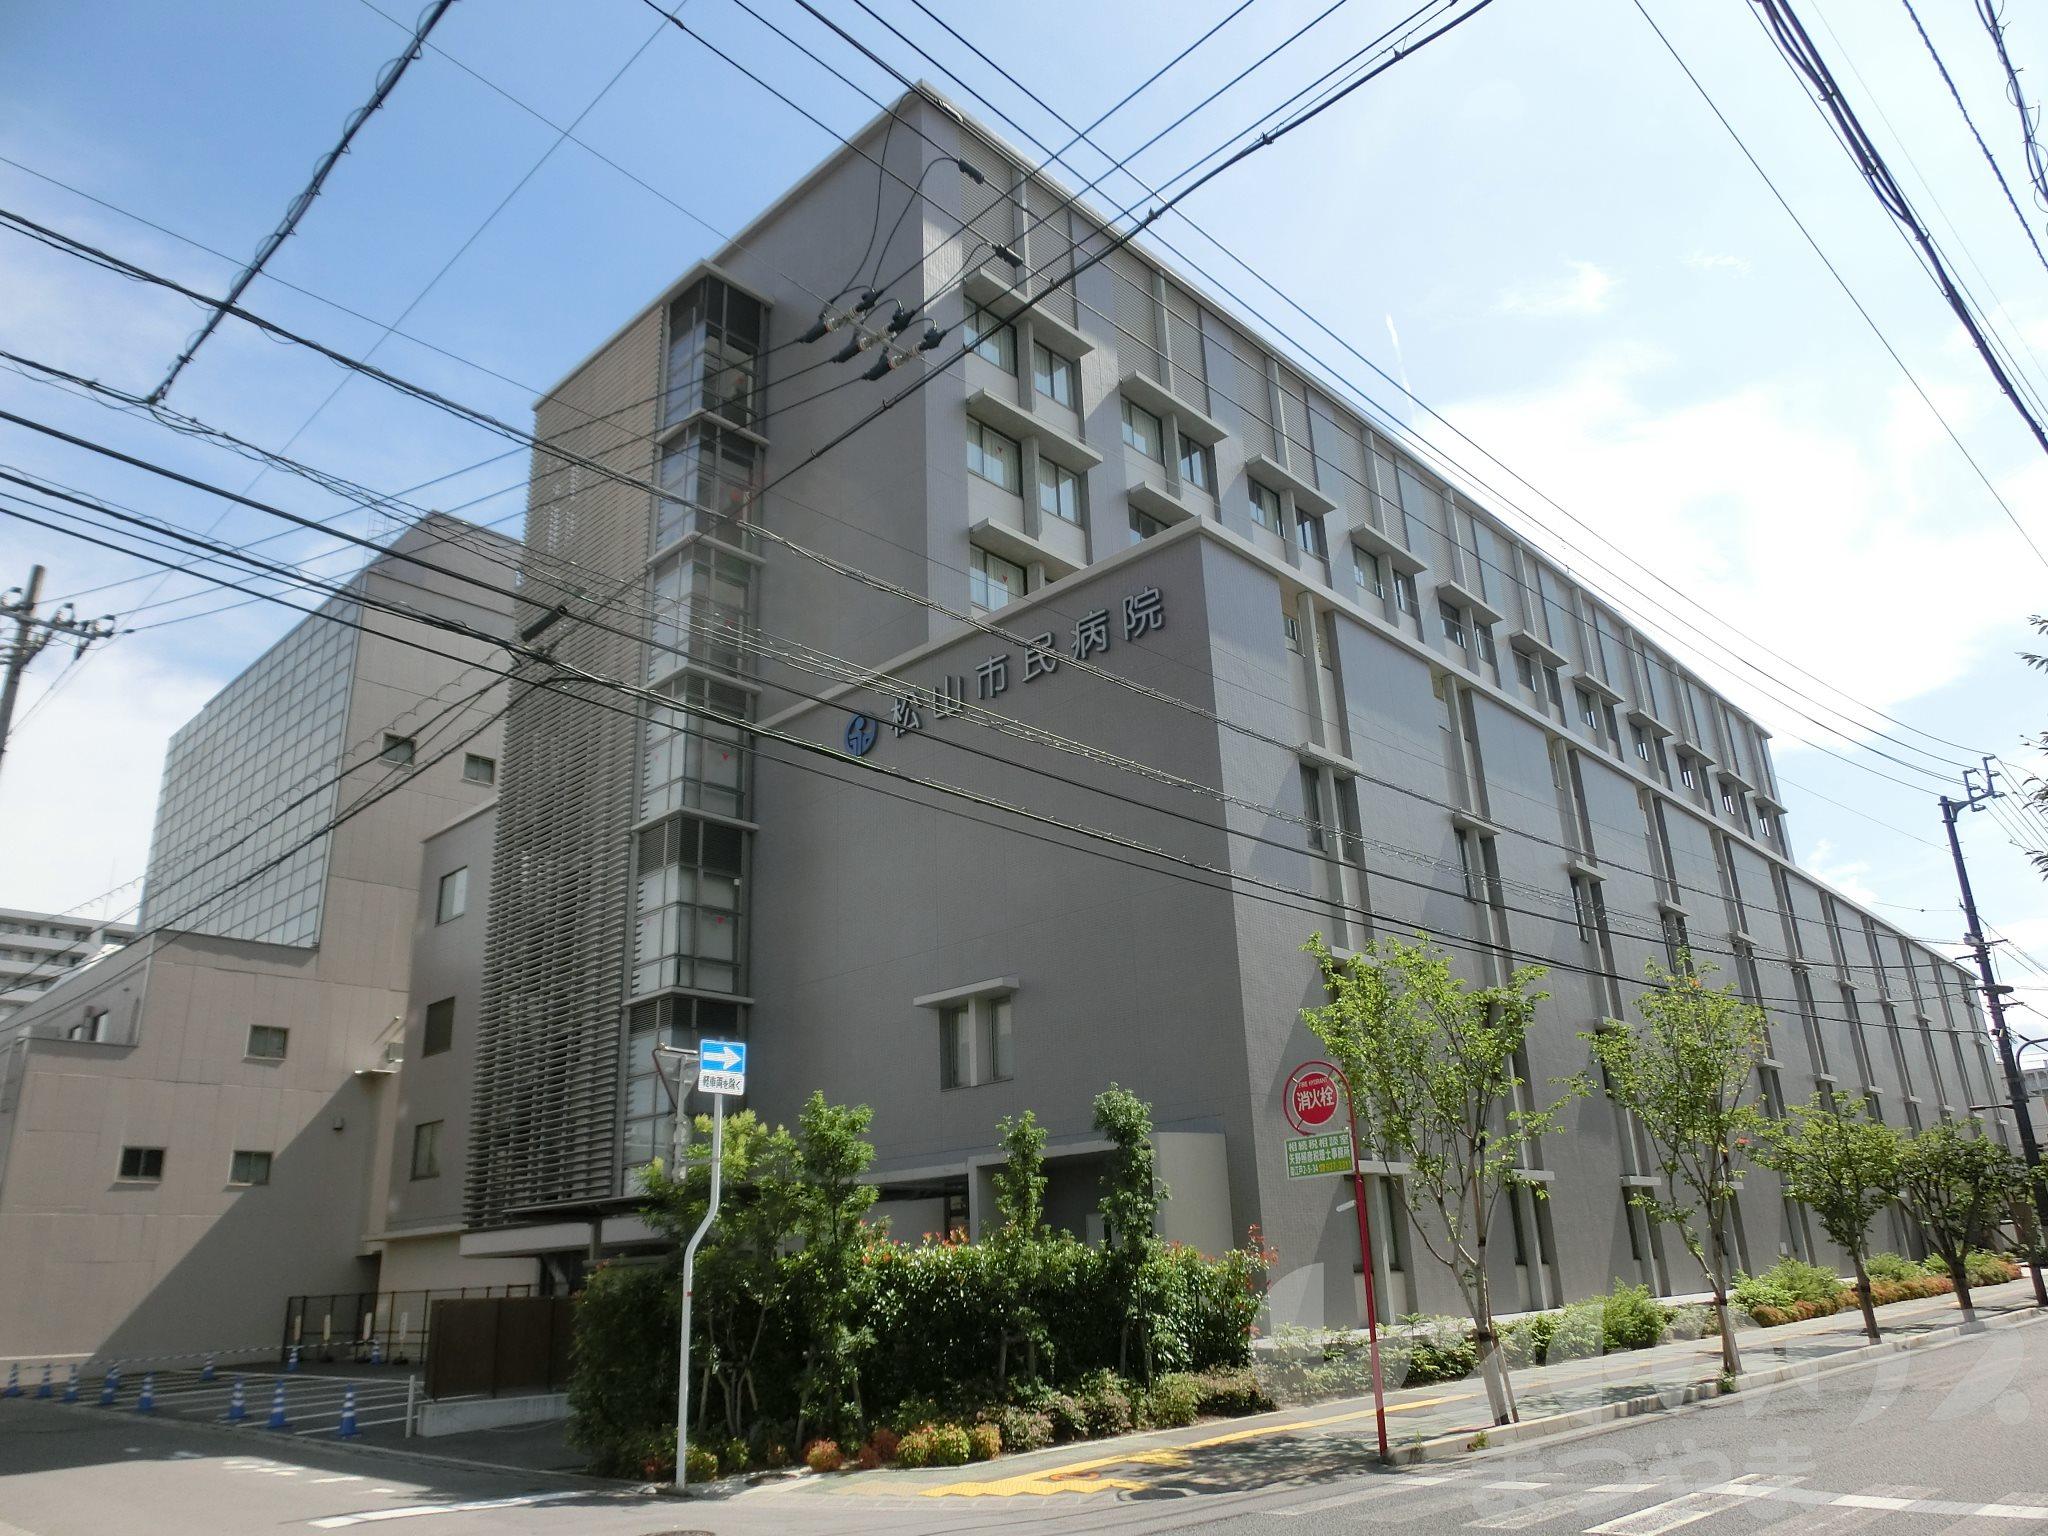 総合病院:松山市民病院 447m